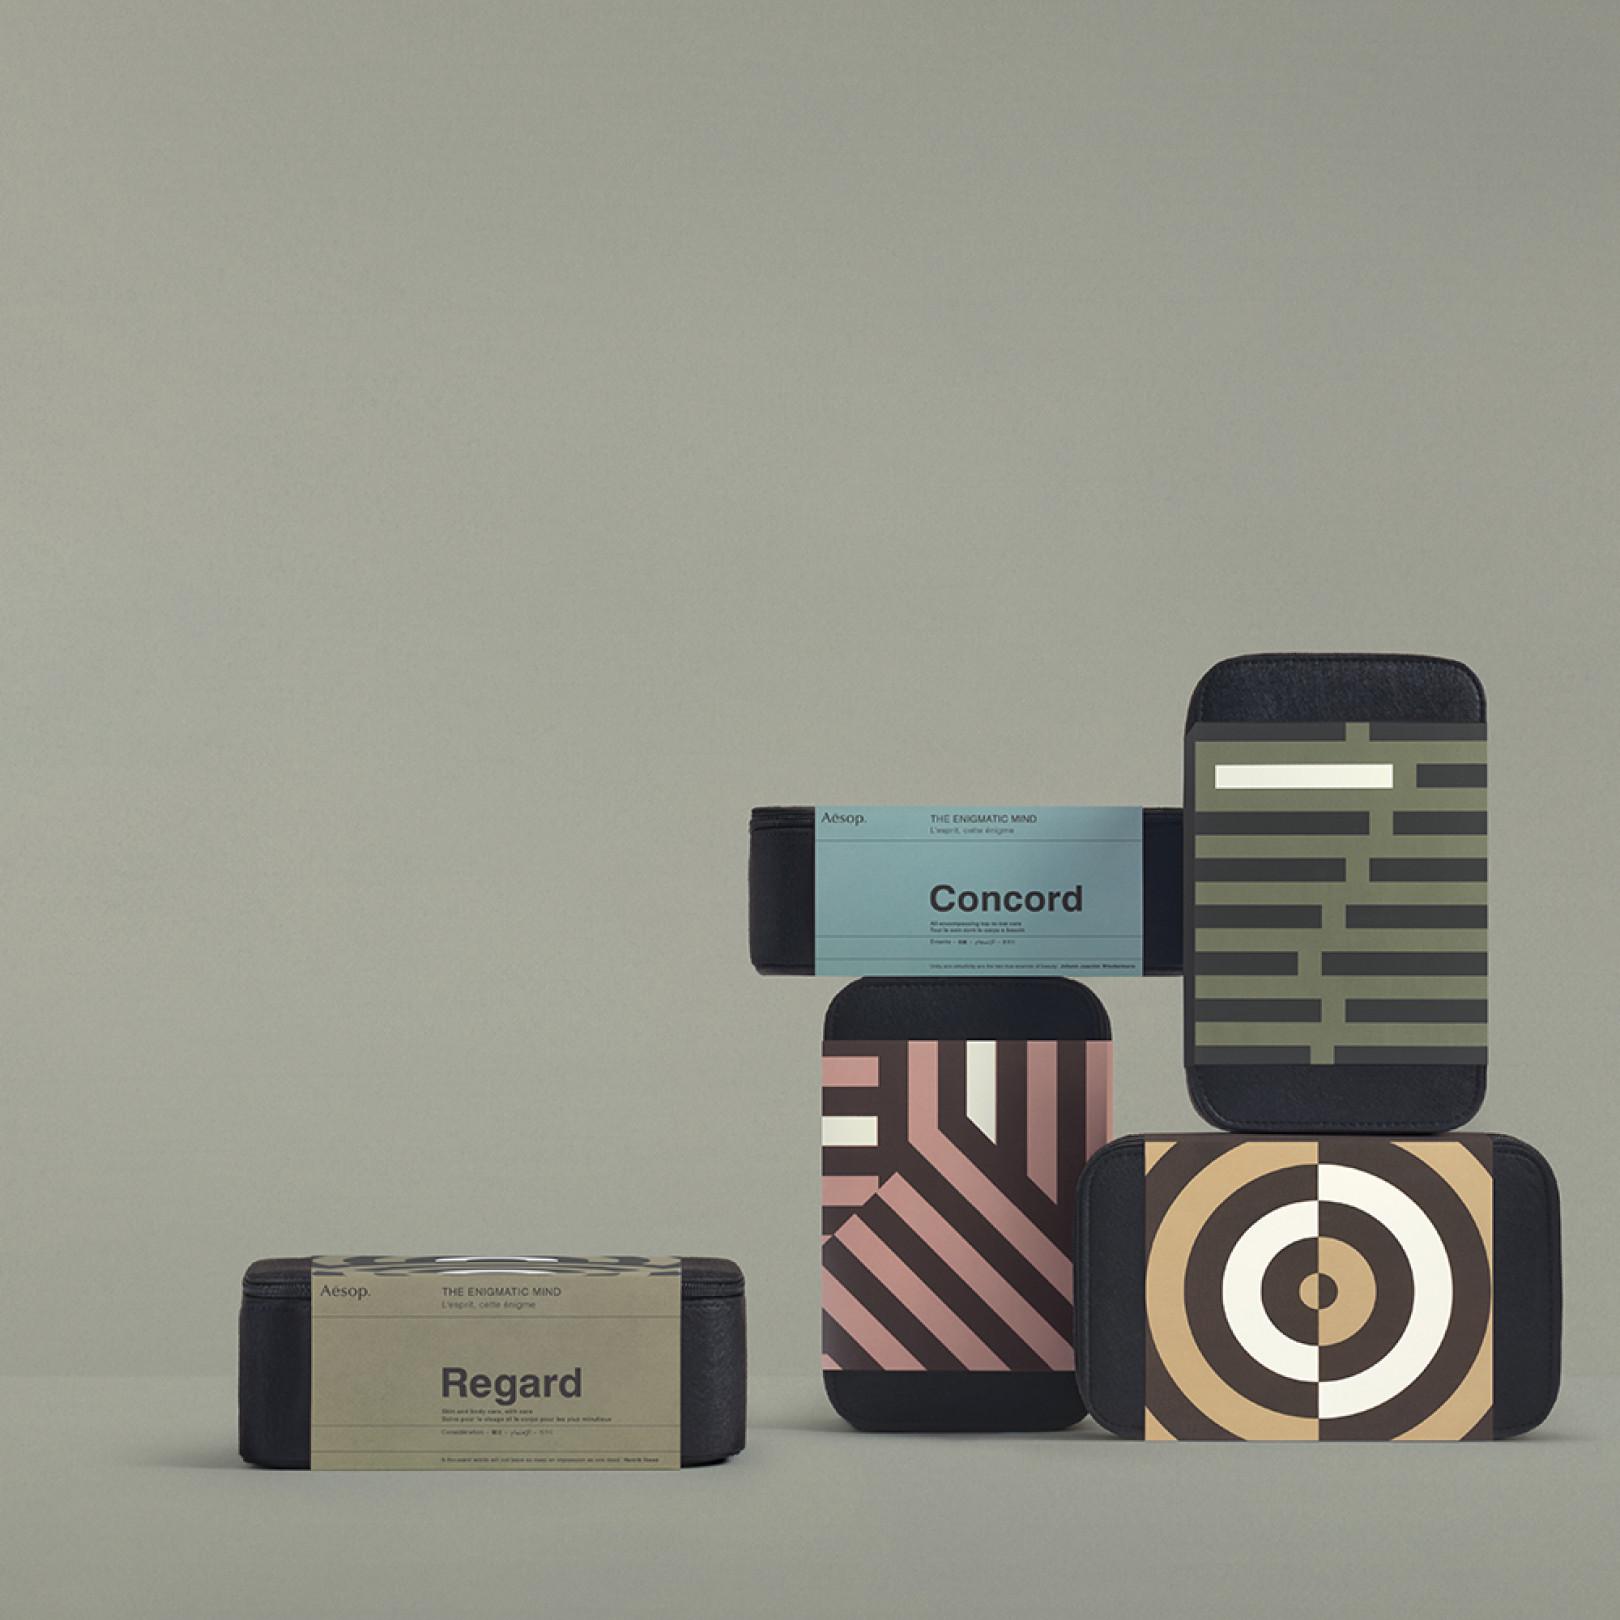 イソップ(Aesop)から「エニグマティックマインド」をコンセプトにしたギフトキット コレクション5種類が発売